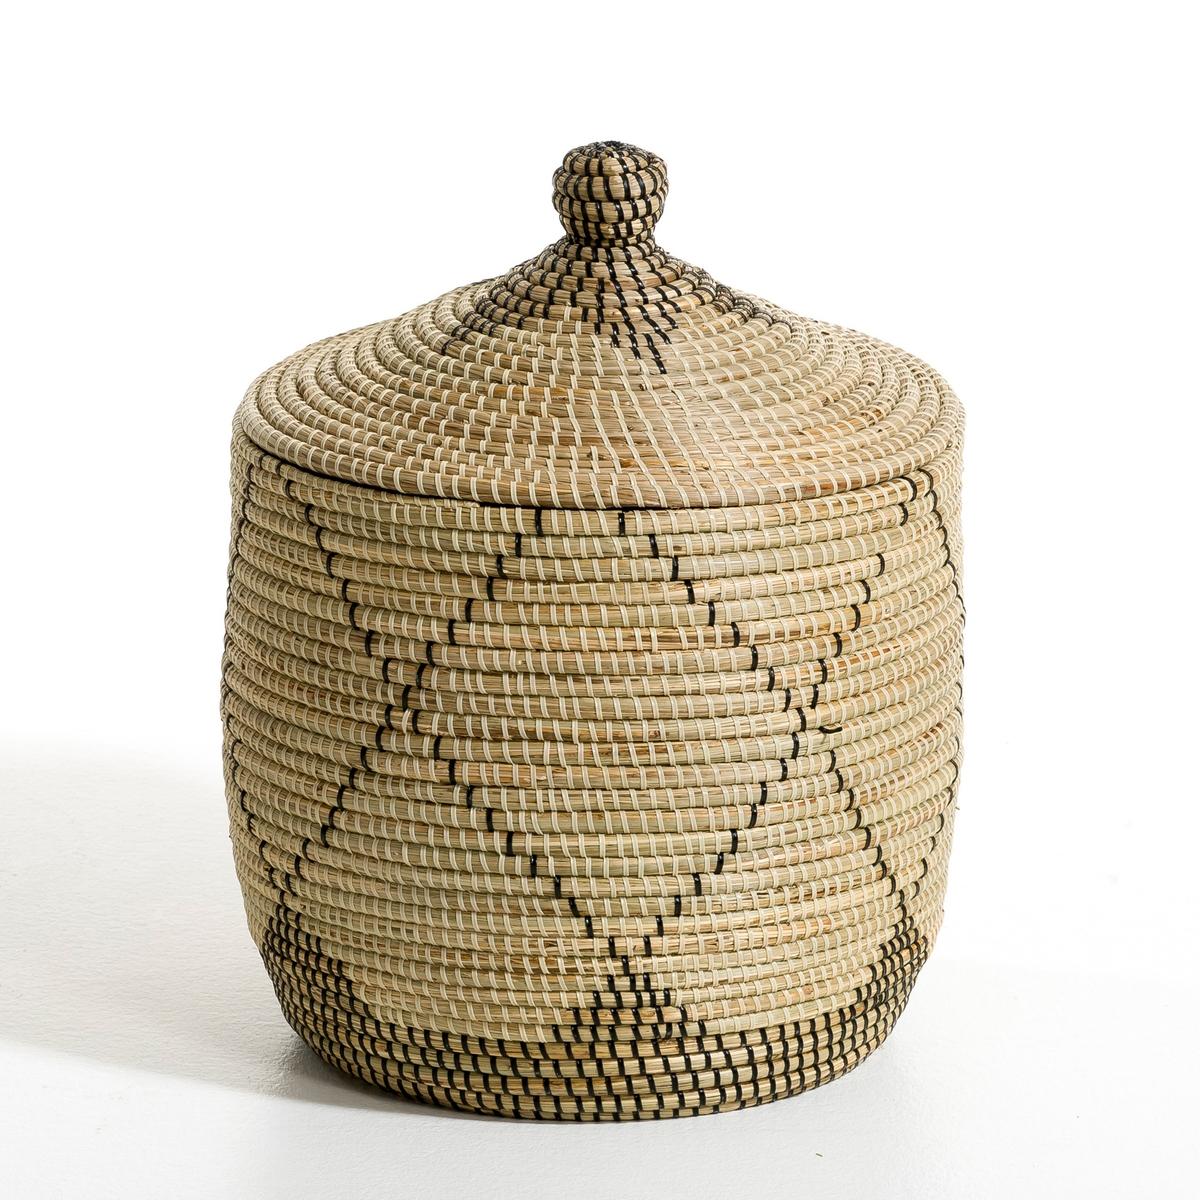 Корзина из рисовой соломы Louna, малая модель, высота 48 см louna полюса